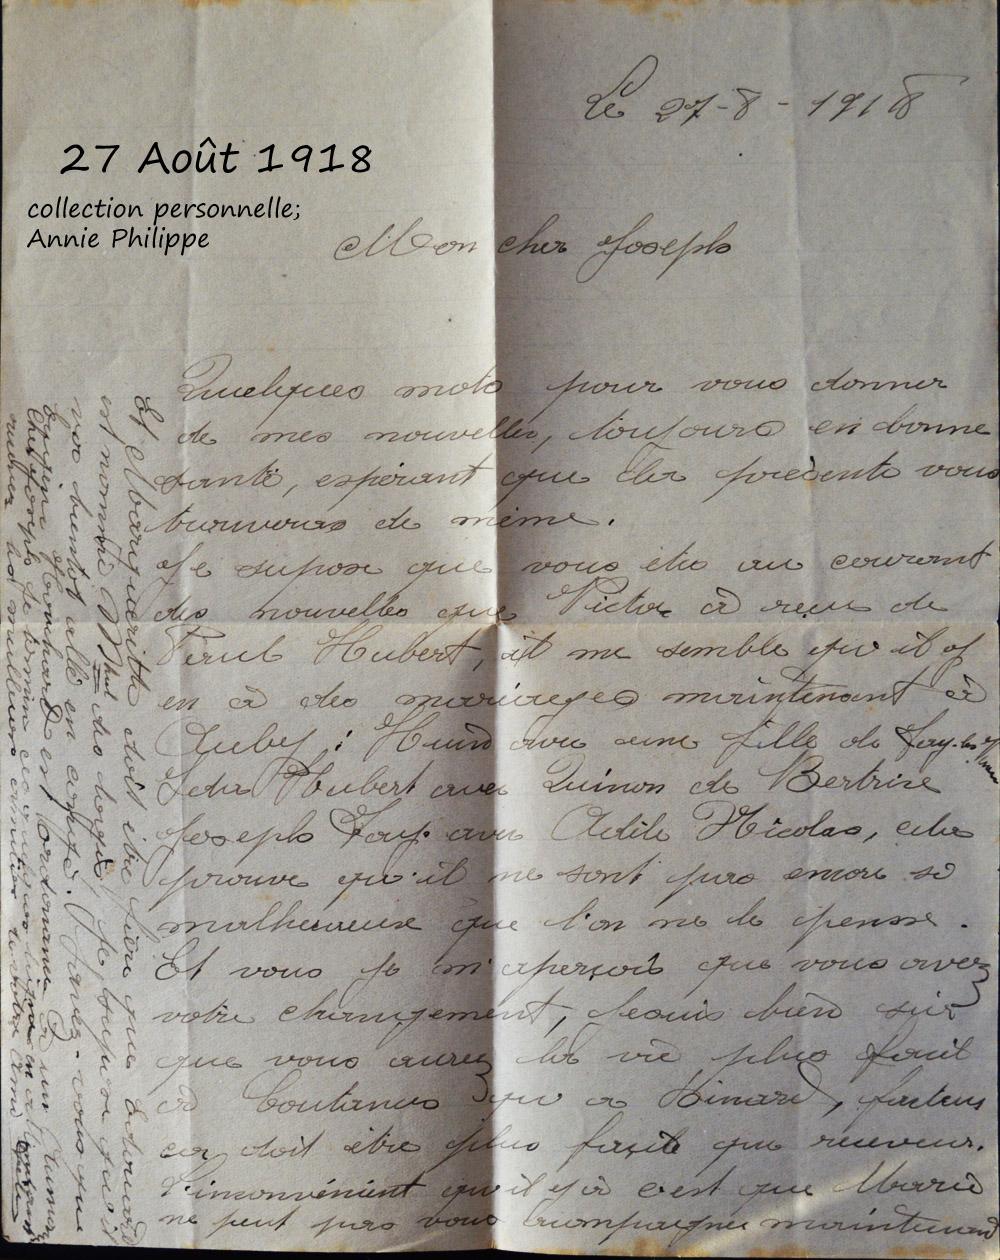 1918 08 27 les mariages annoncés par Félix